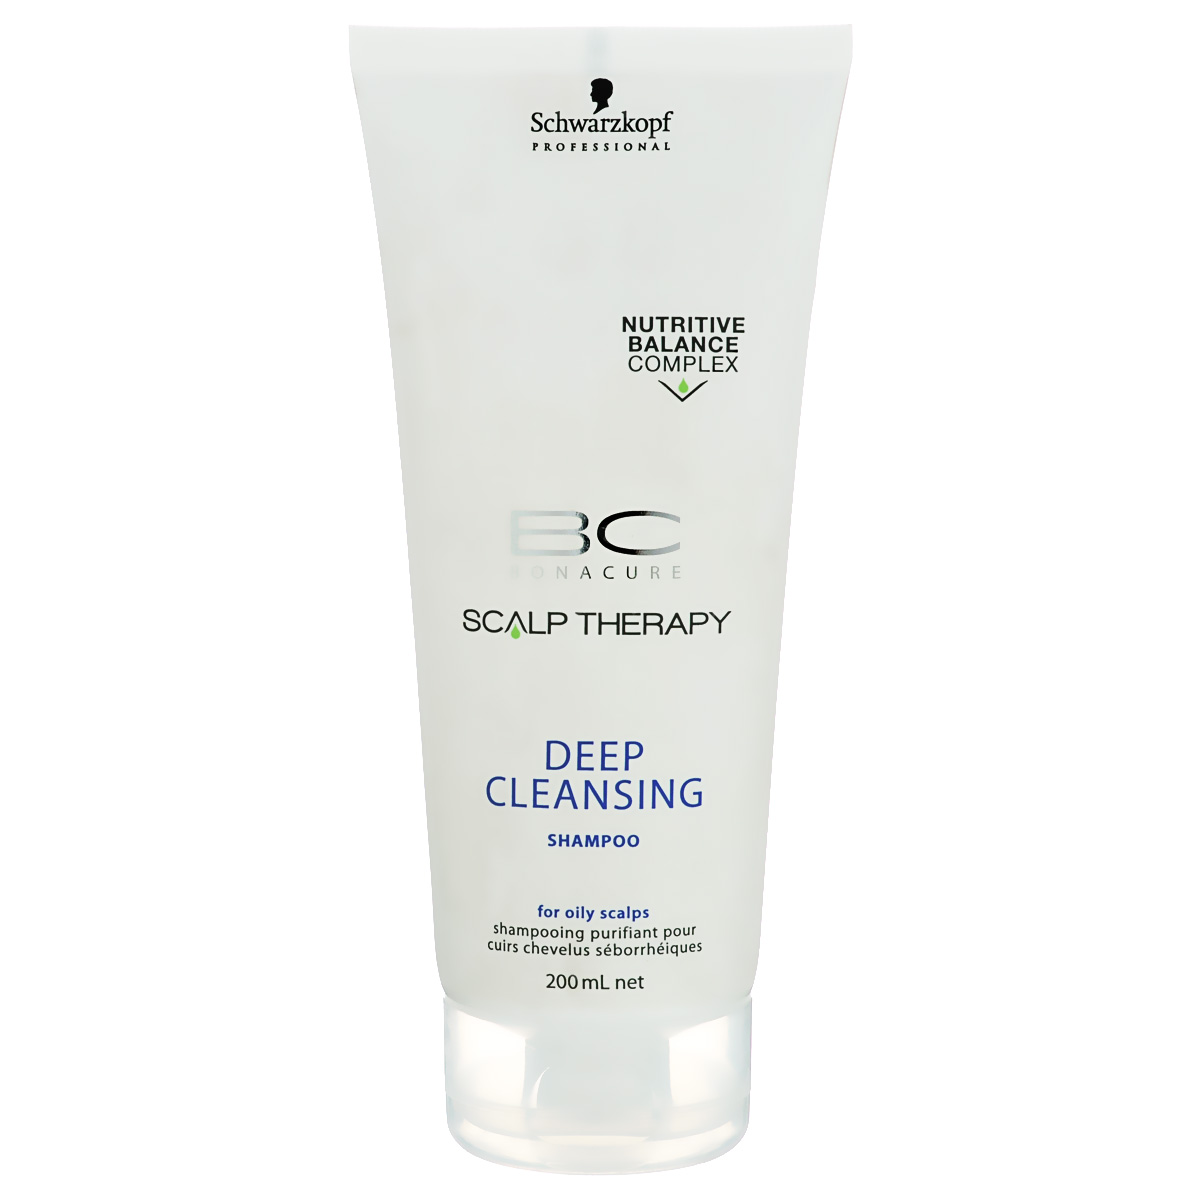 Bonacure Шампунь для глубокого очищения Scalp Therapy Deep Cleansing Shampoo 200 мл81601097Очищающий шампунь для всех типов волос, выглядящих маслянистыми и для жирной кожи головы. Поверхностно - активные вещества, полученные из кокоса мягко, но эффективно очищает кожу головы. Благодаря ментолу шампунь оставляет ощущение чистоты и свежести. Пантенол поддерживает необходимый баланс влаги.